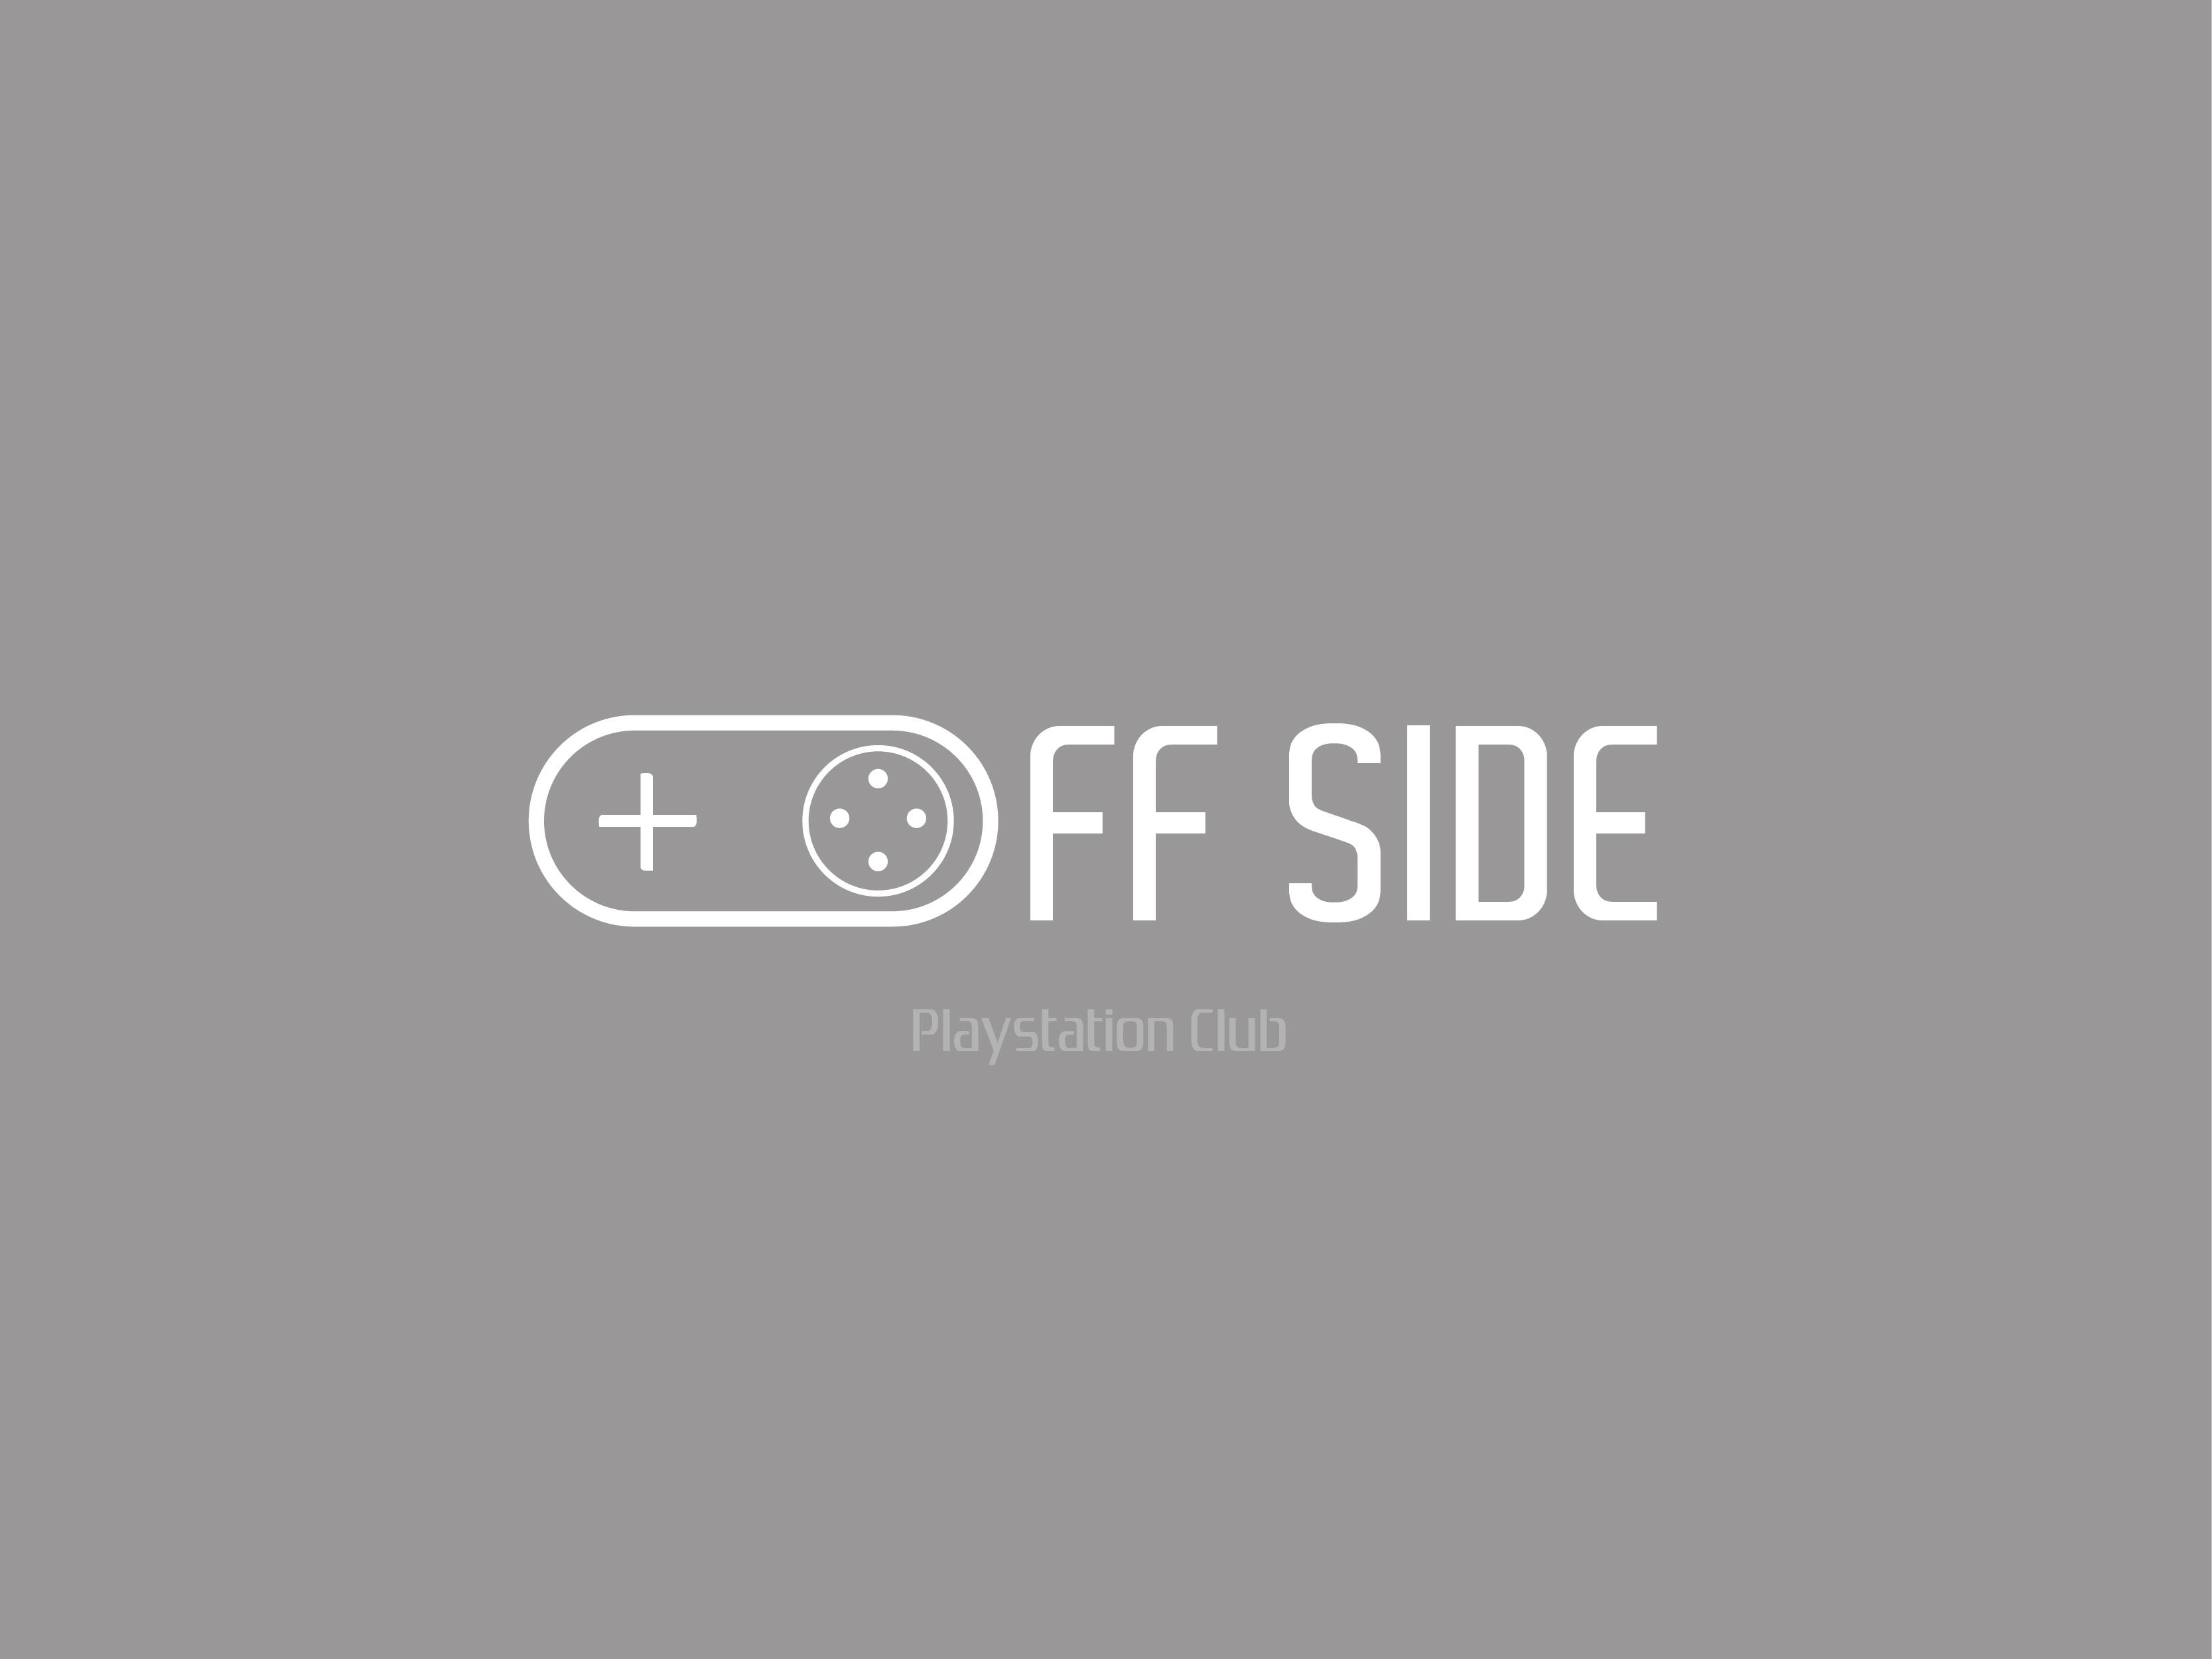 Offfside 01